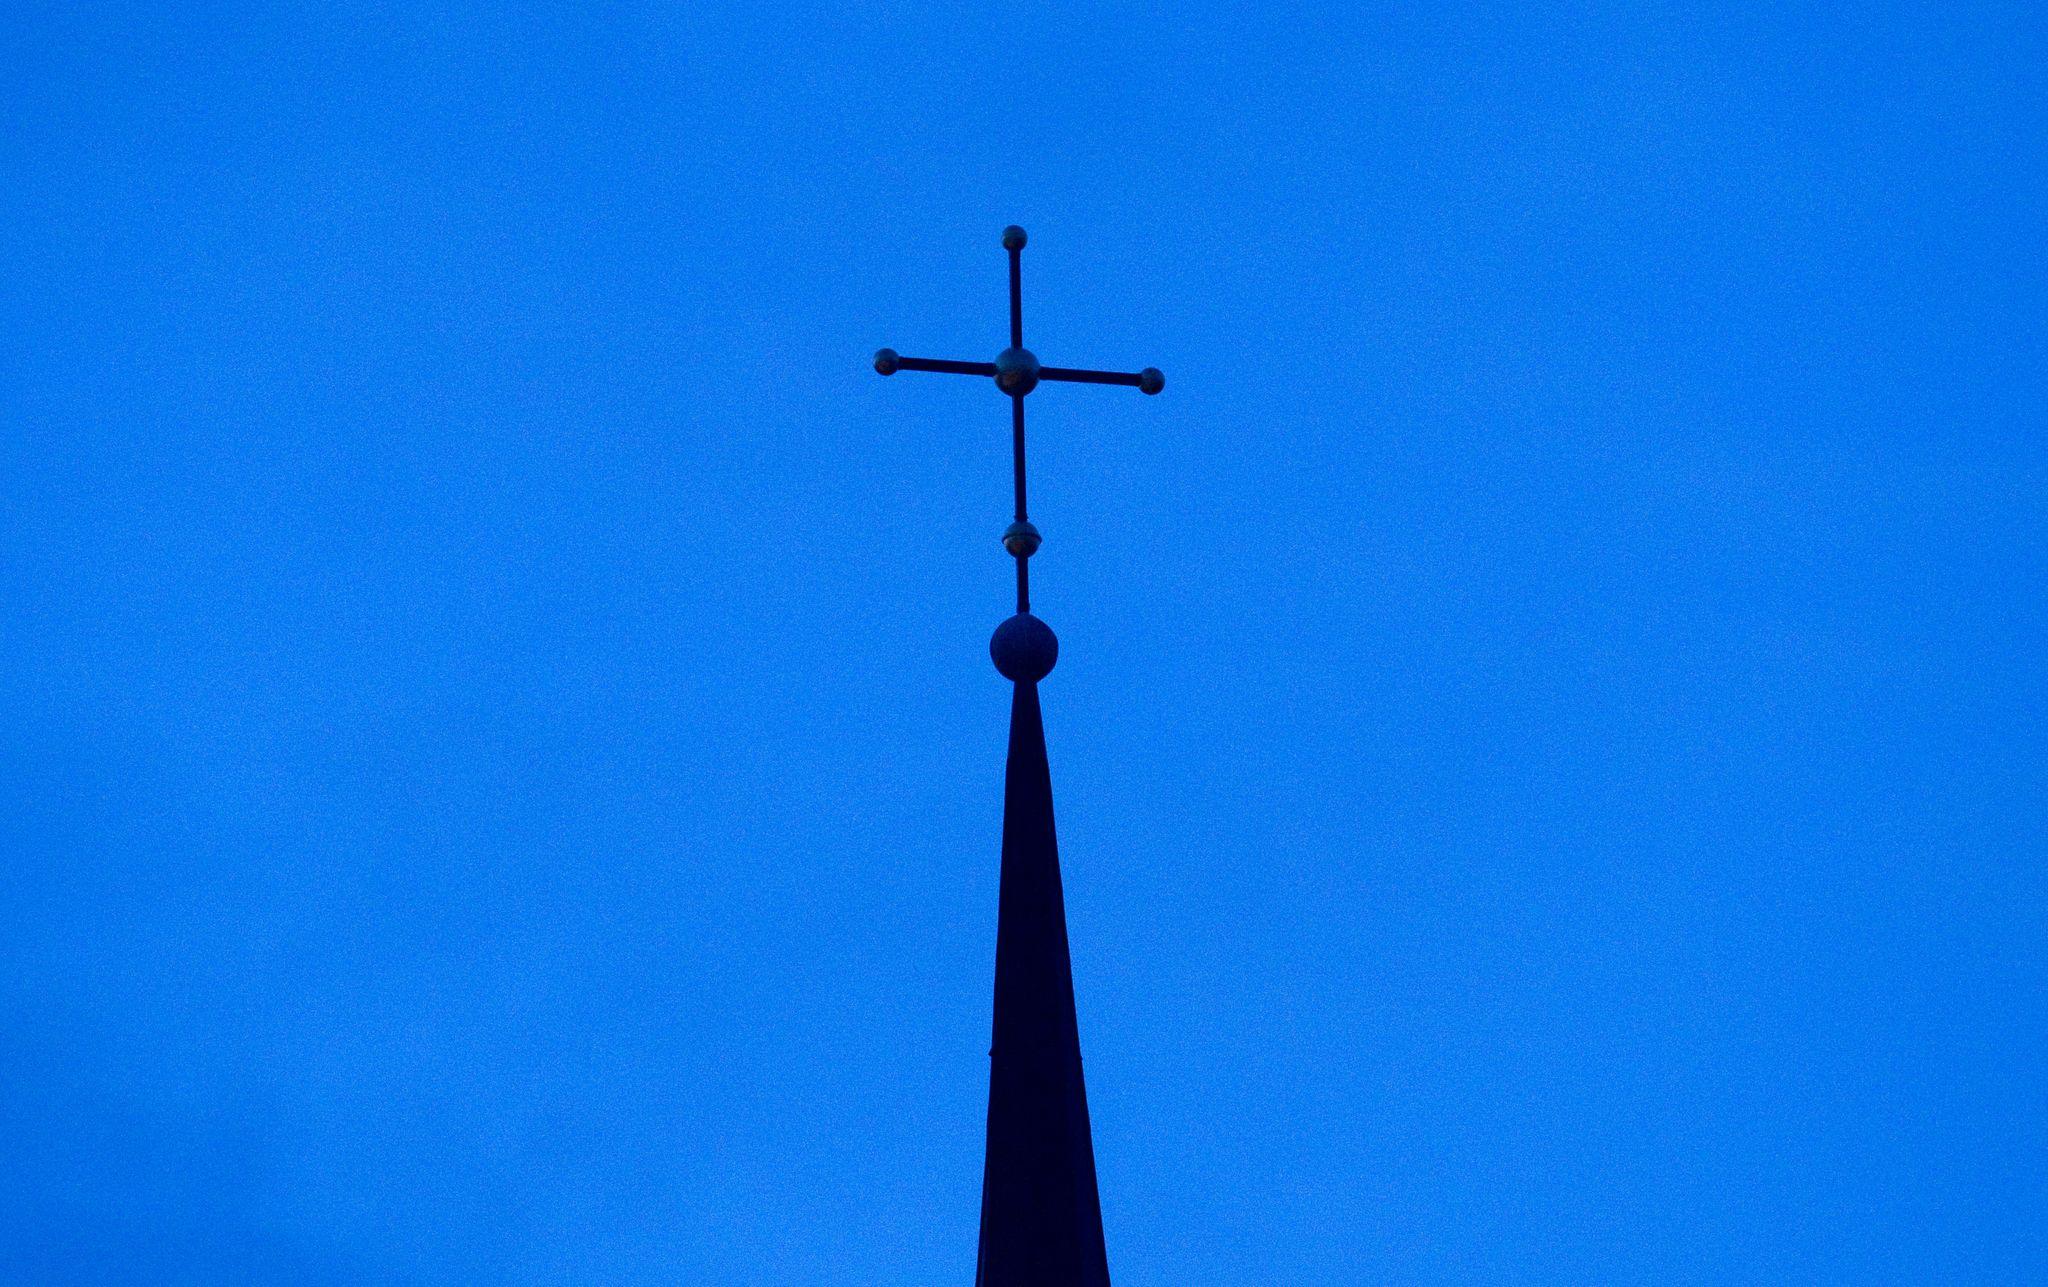 Nach dem wochenlangen Unterrichtsausfall wollen die Kirchen während der Sommerferien mit Hilfe des Landes ein freiwilliges Bildungsangebot organisieren. Foto: dpa